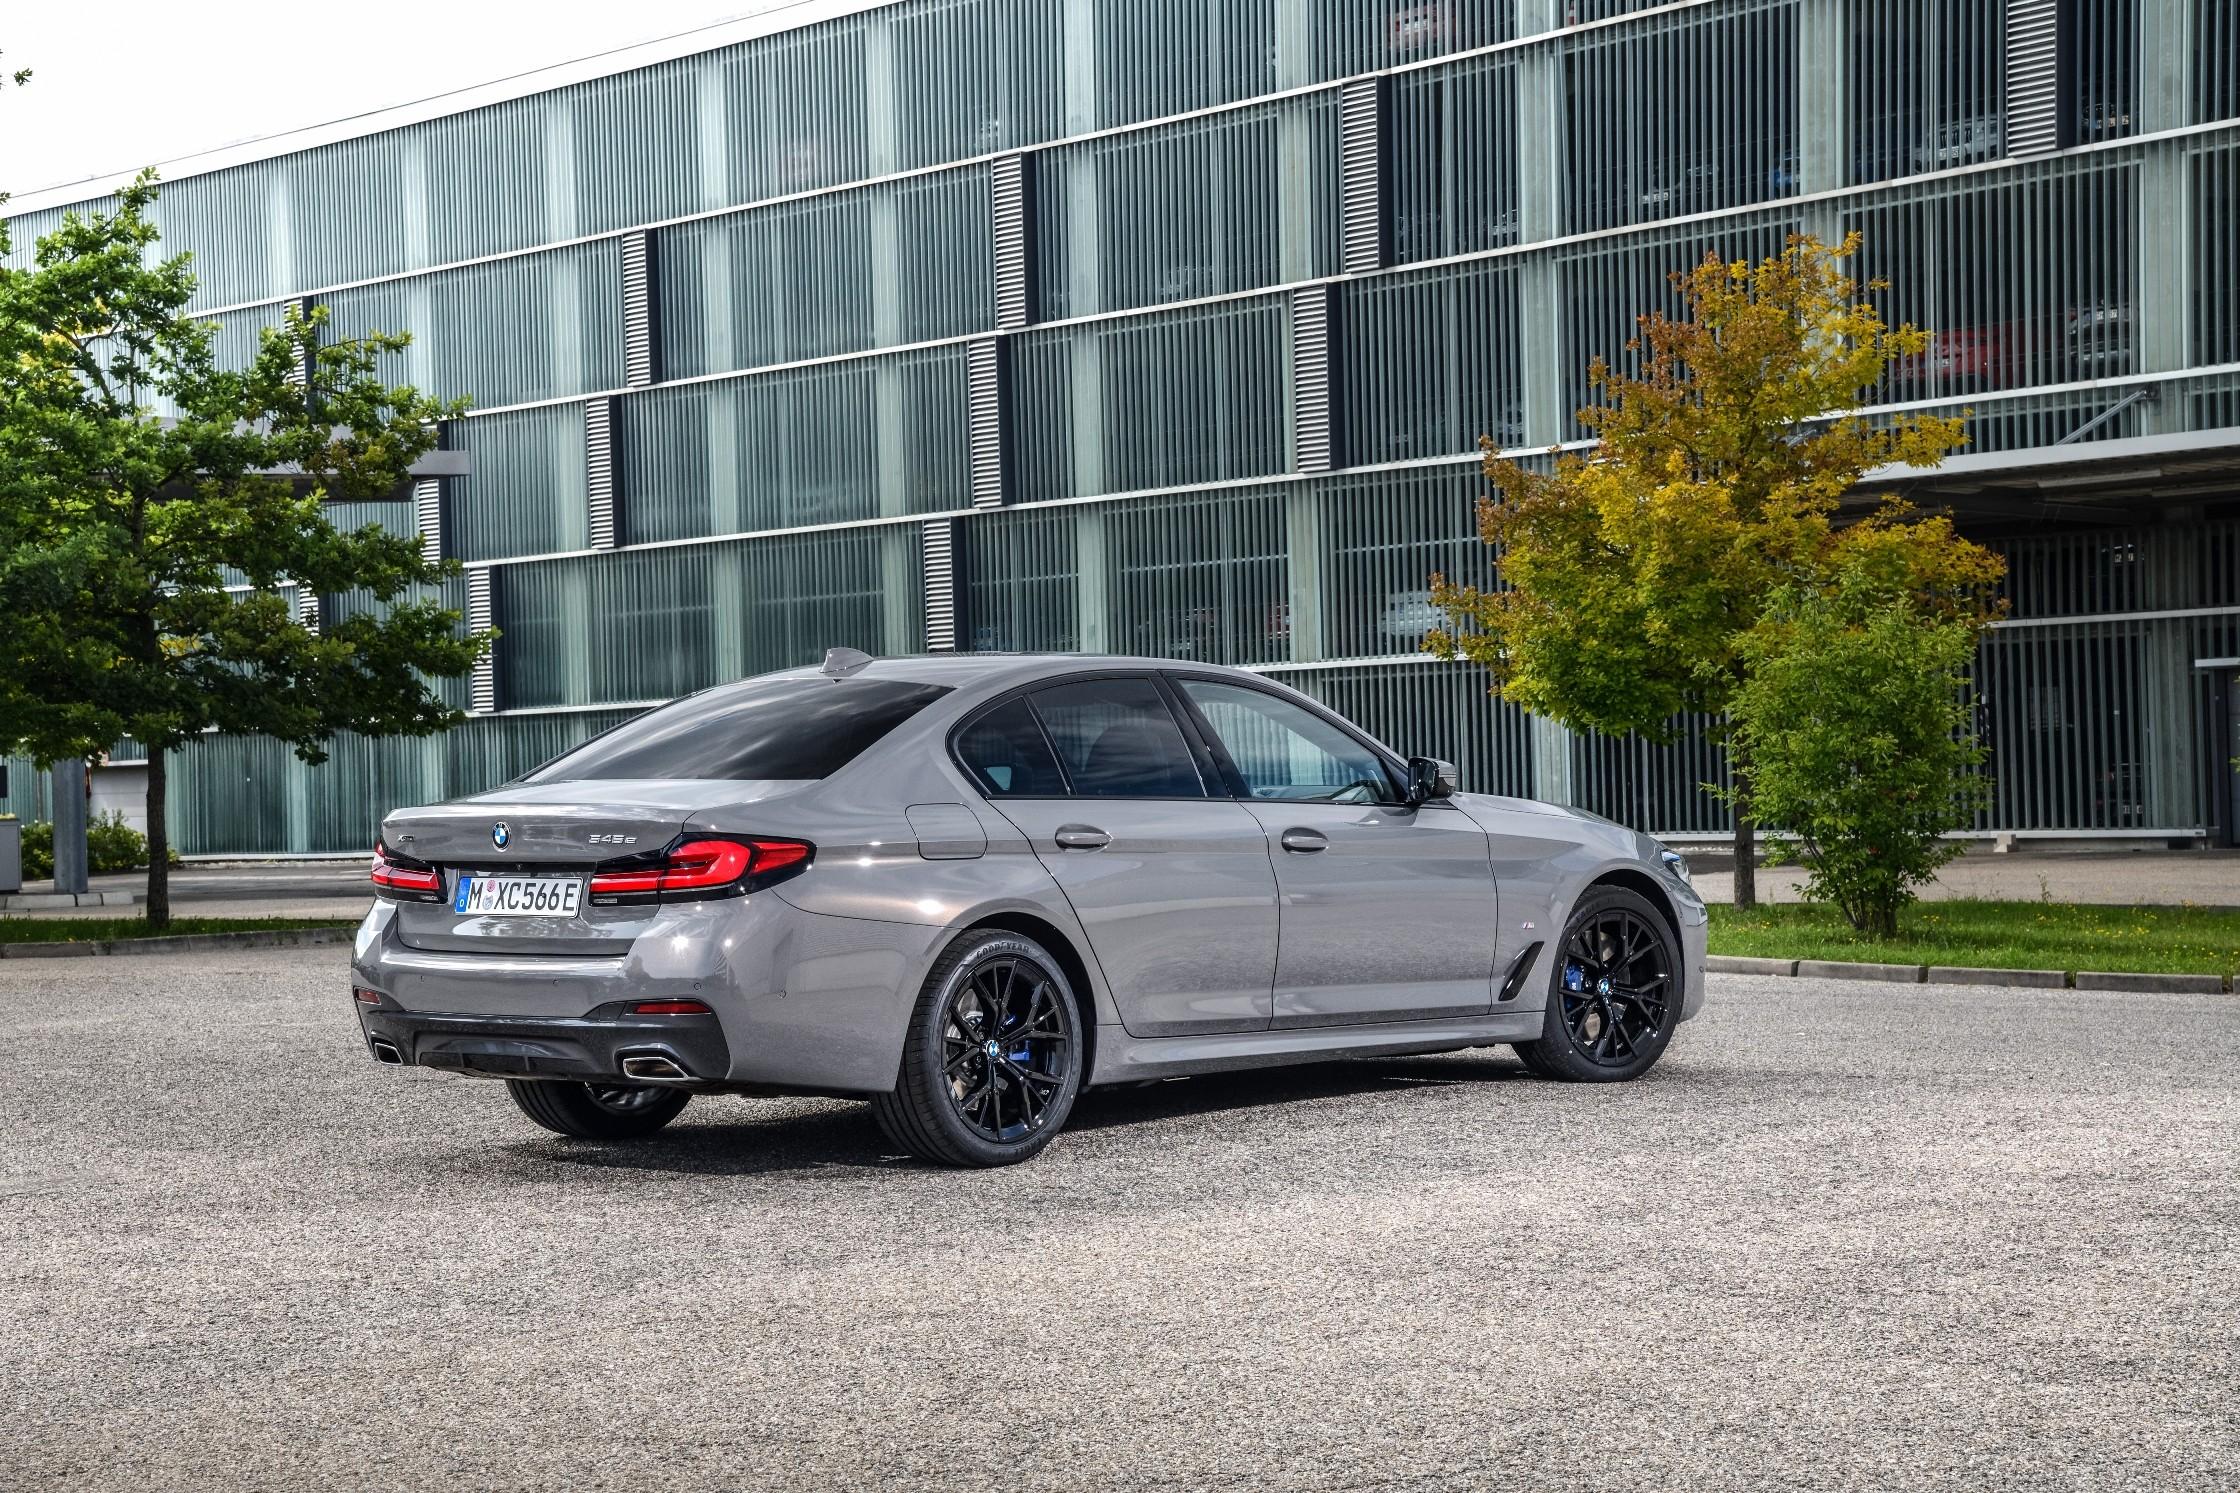 2021 BMW 5 Series Gains Powerful Plug-In Hybrid Option ...